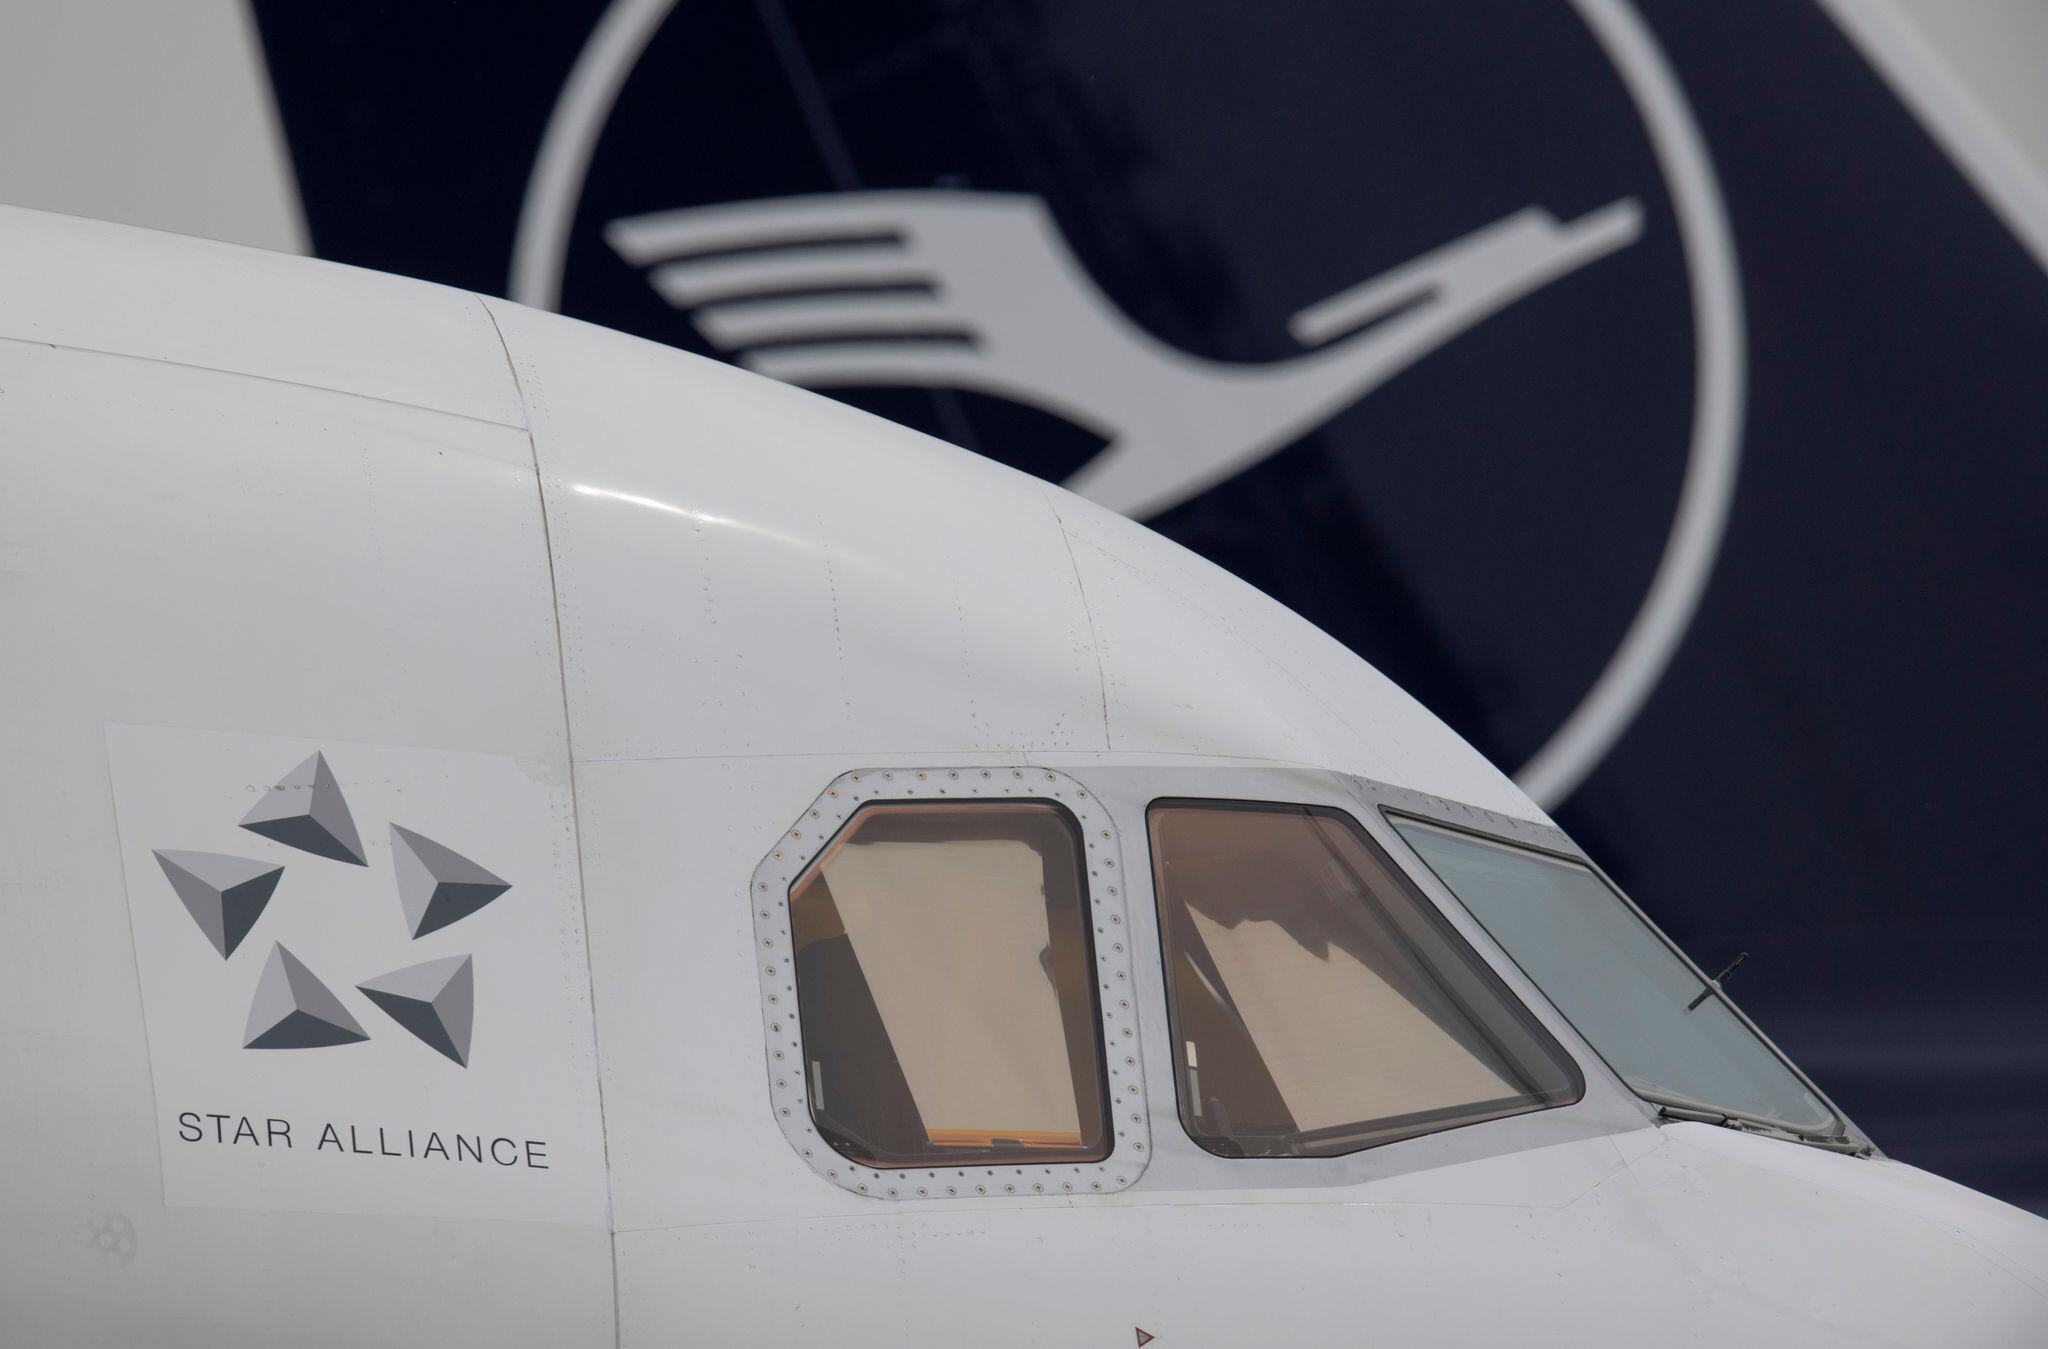 Bild zu EU-Kommission verteidigt Auflagen für staatliche Lufthansa-Hilfen